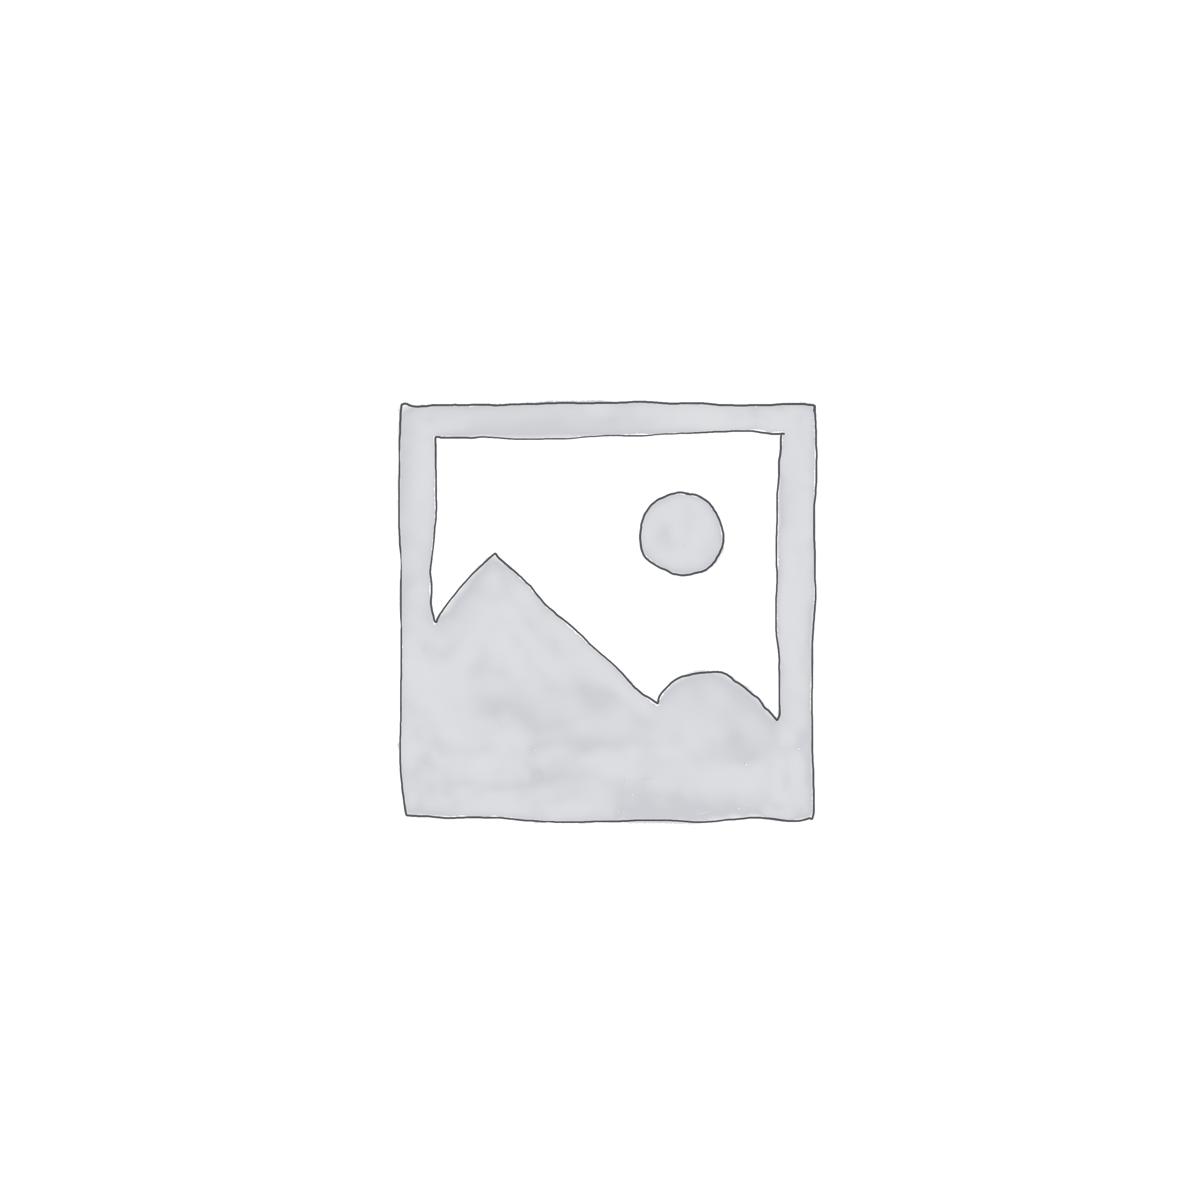 acrylic-block-15x20cm